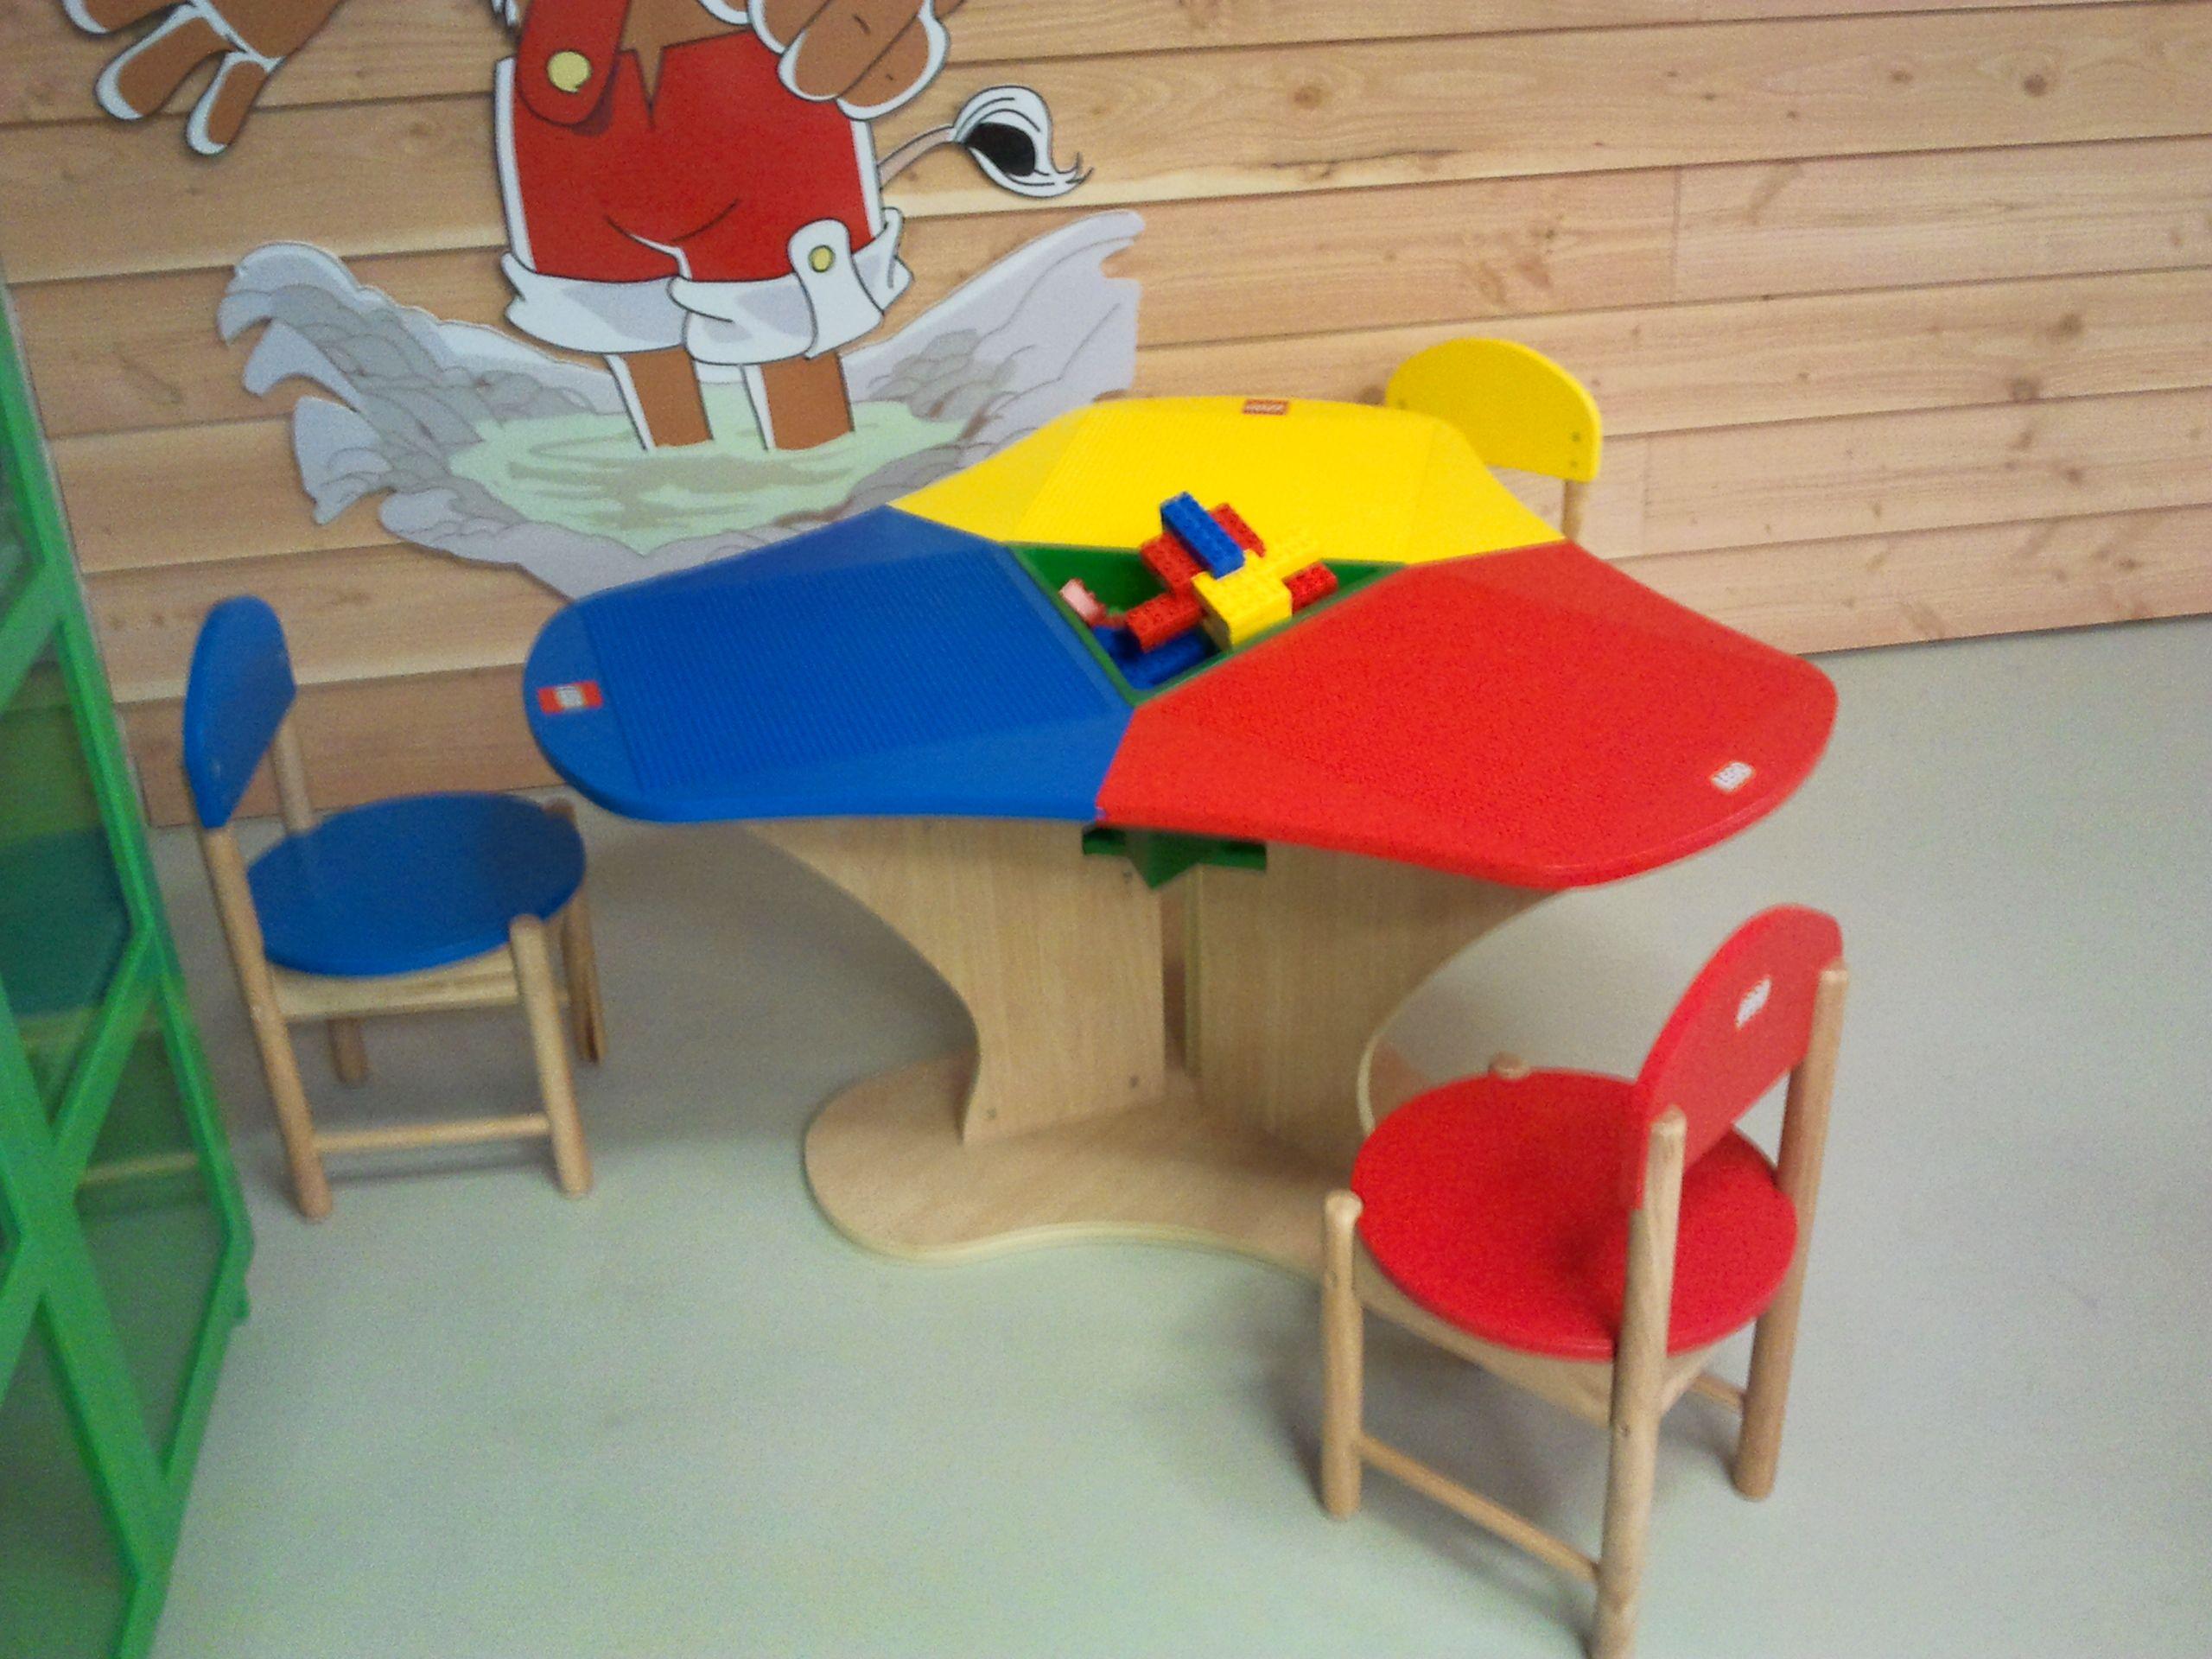 lego tisch mit 3 st hlen legotisch pinterest lego tisch lego und stuhl. Black Bedroom Furniture Sets. Home Design Ideas